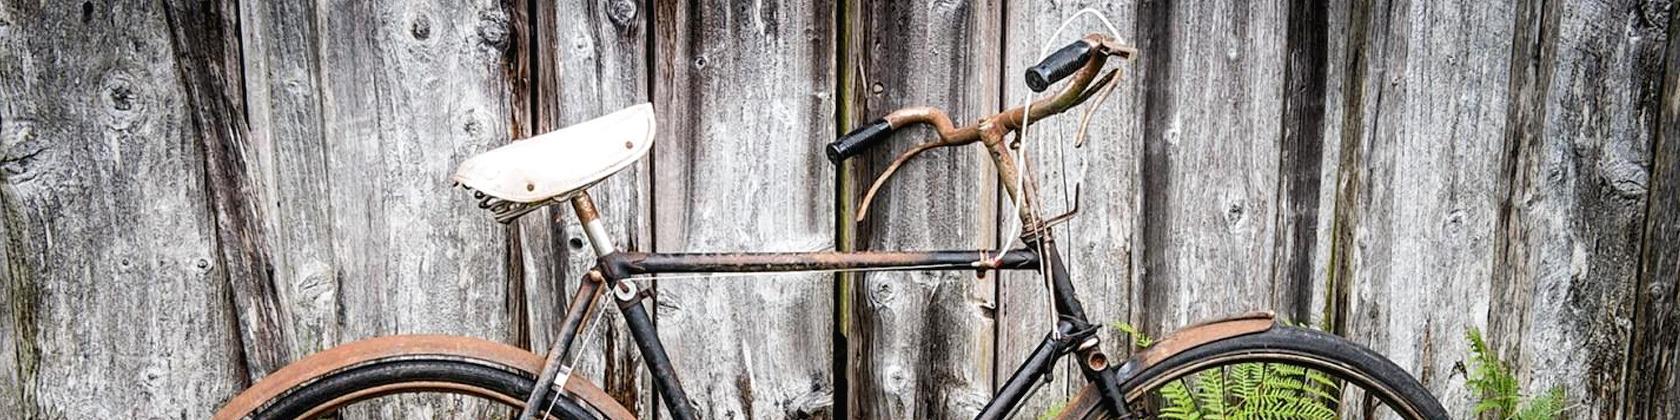 Oude fiets inruilen bij aankoop van een nieuwe e-bike